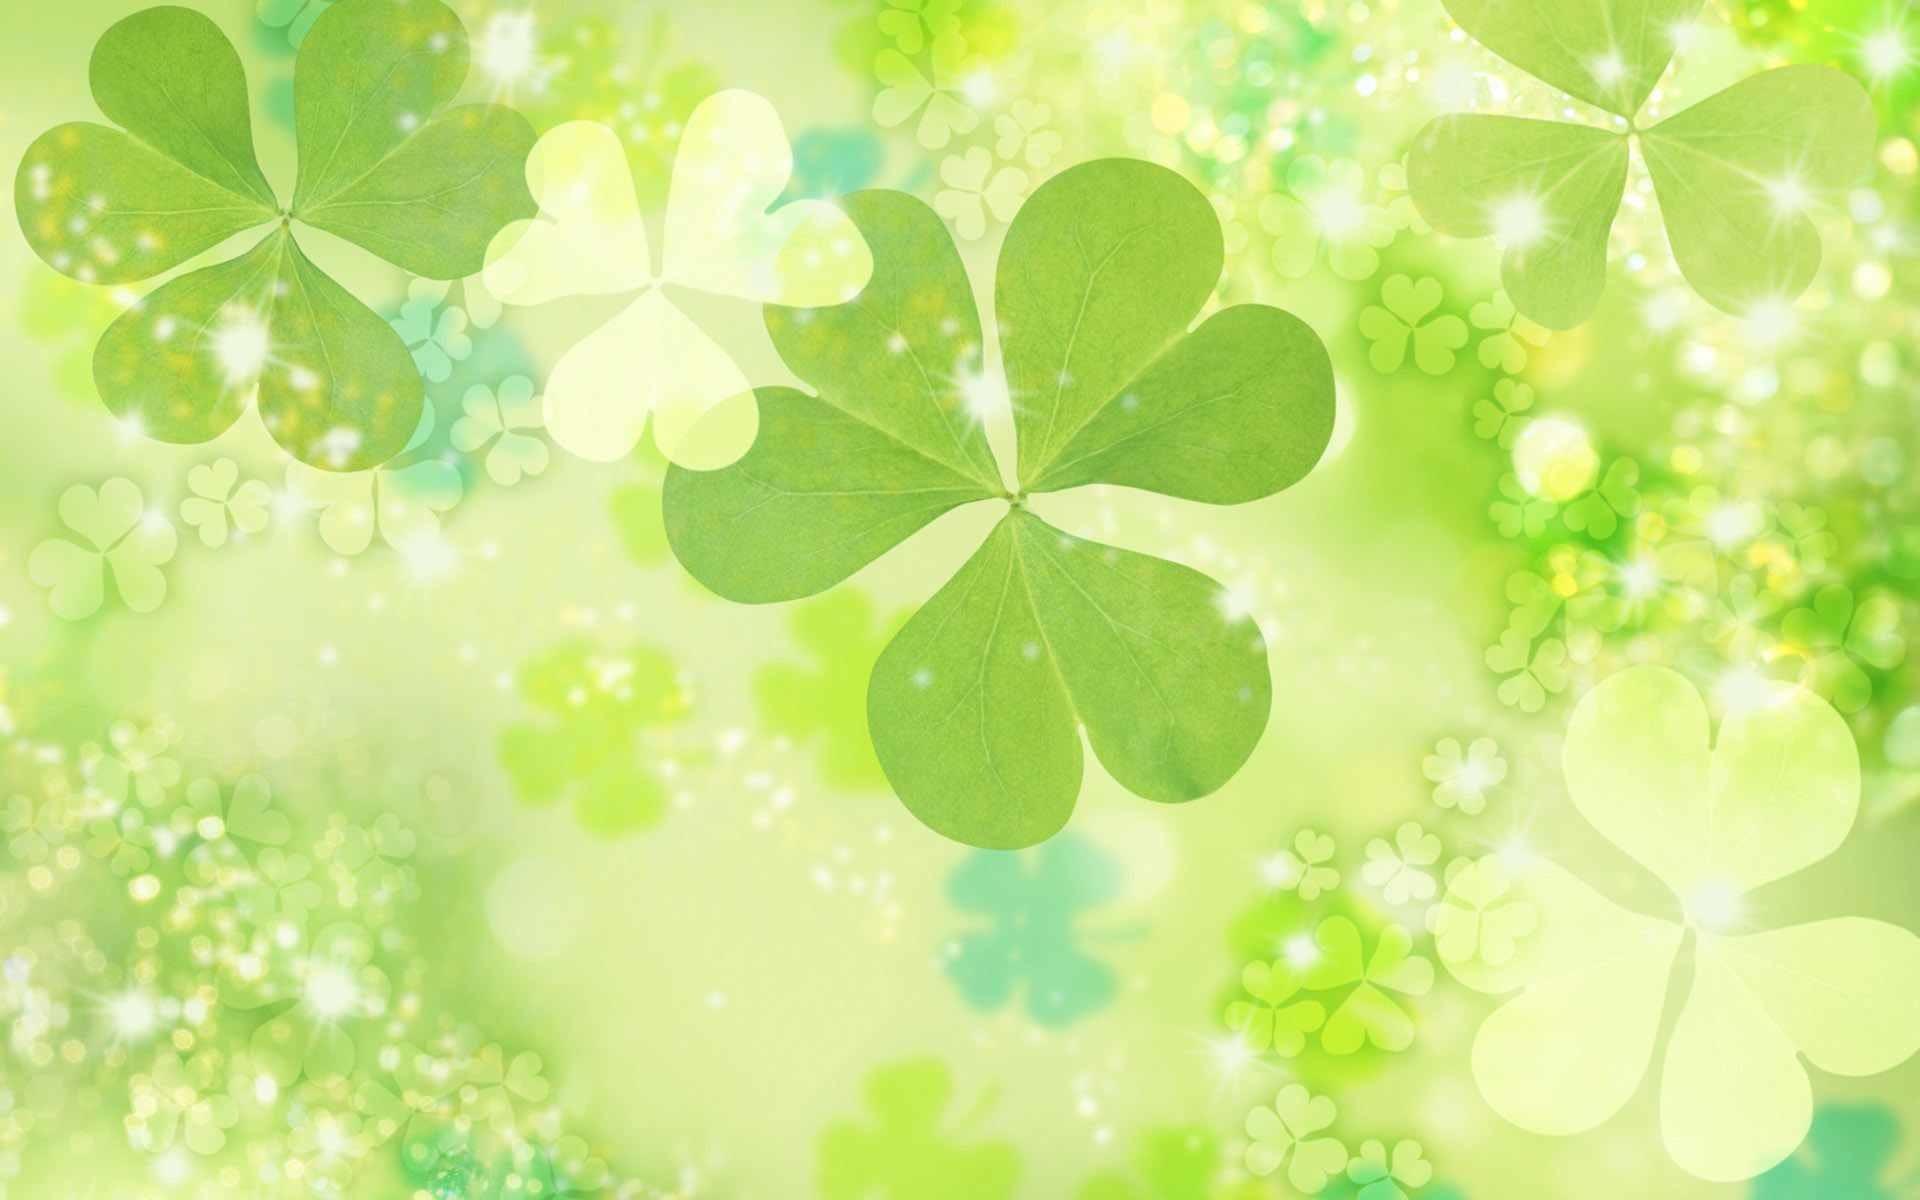 St Patricks Day Wallpaper Desktop (60+ images)